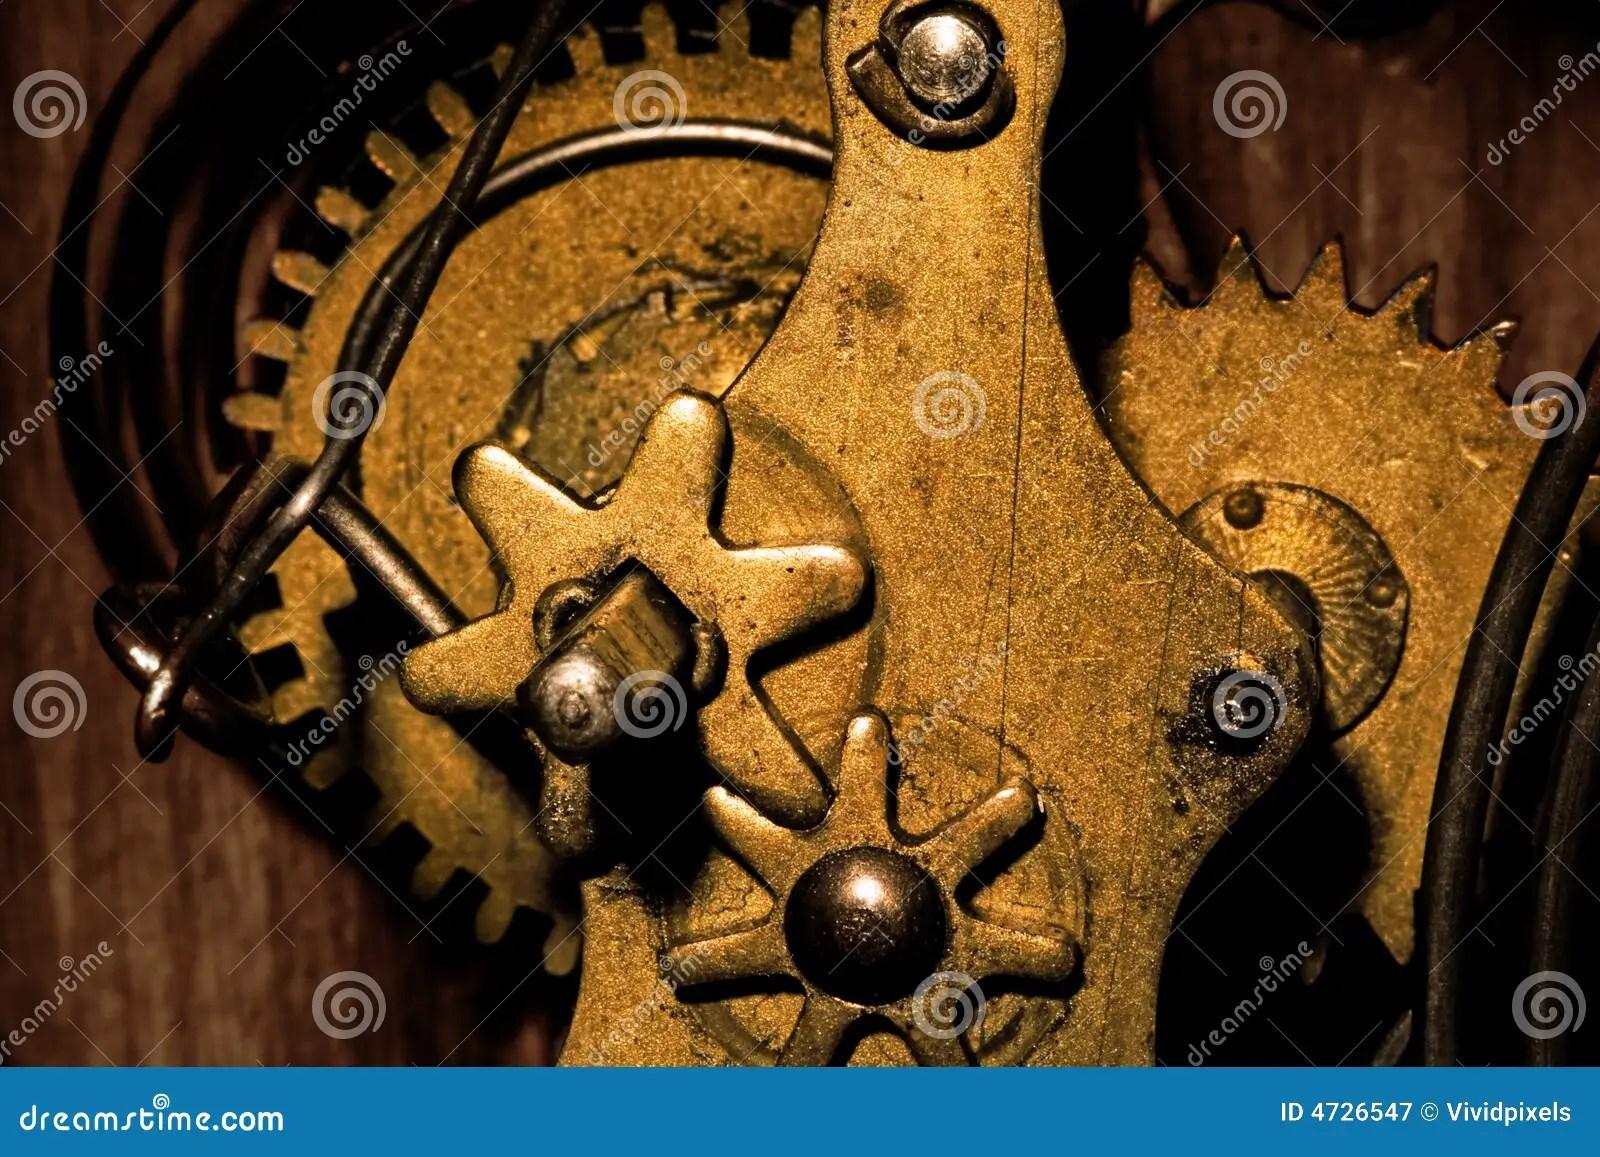 gears inside an old